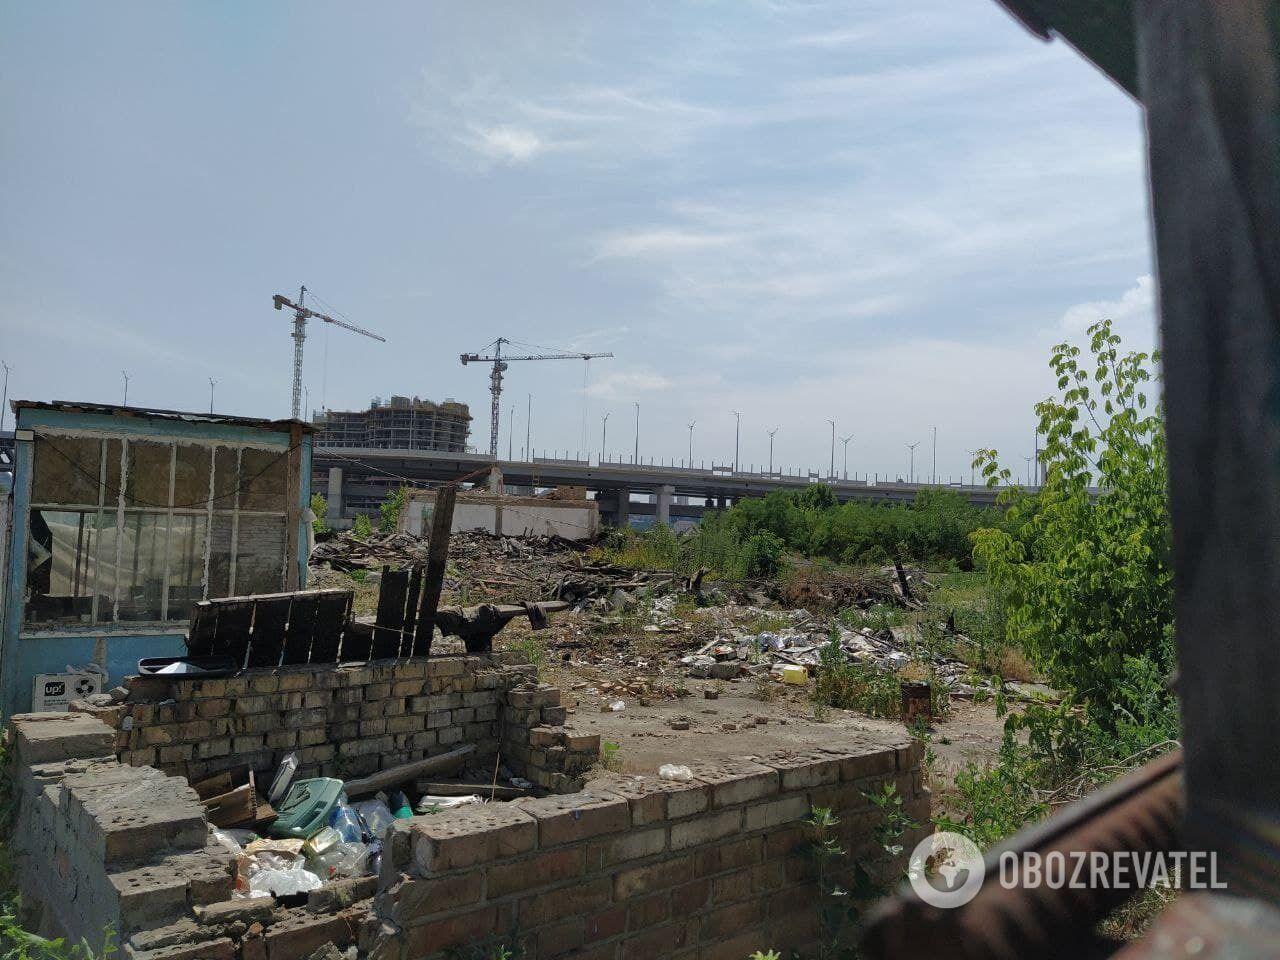 Будівництво ЖК OASIS на Рибальському острові в Києві хочуть субсидувати коштом київської громади. Червень 2021 року